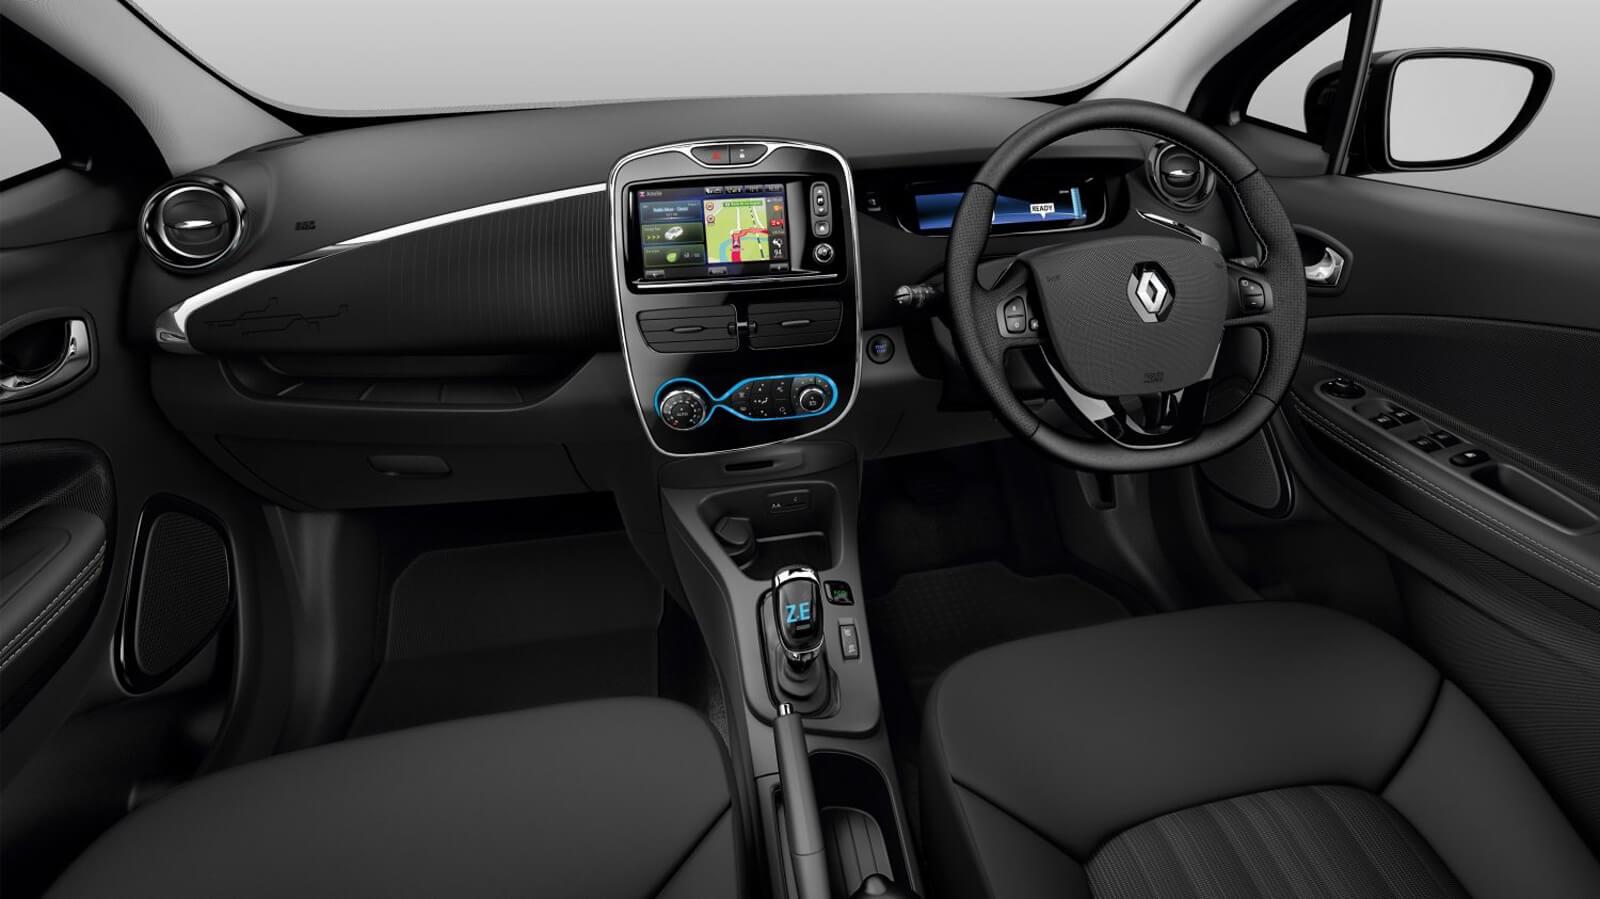 Renault Zoe Interior Front